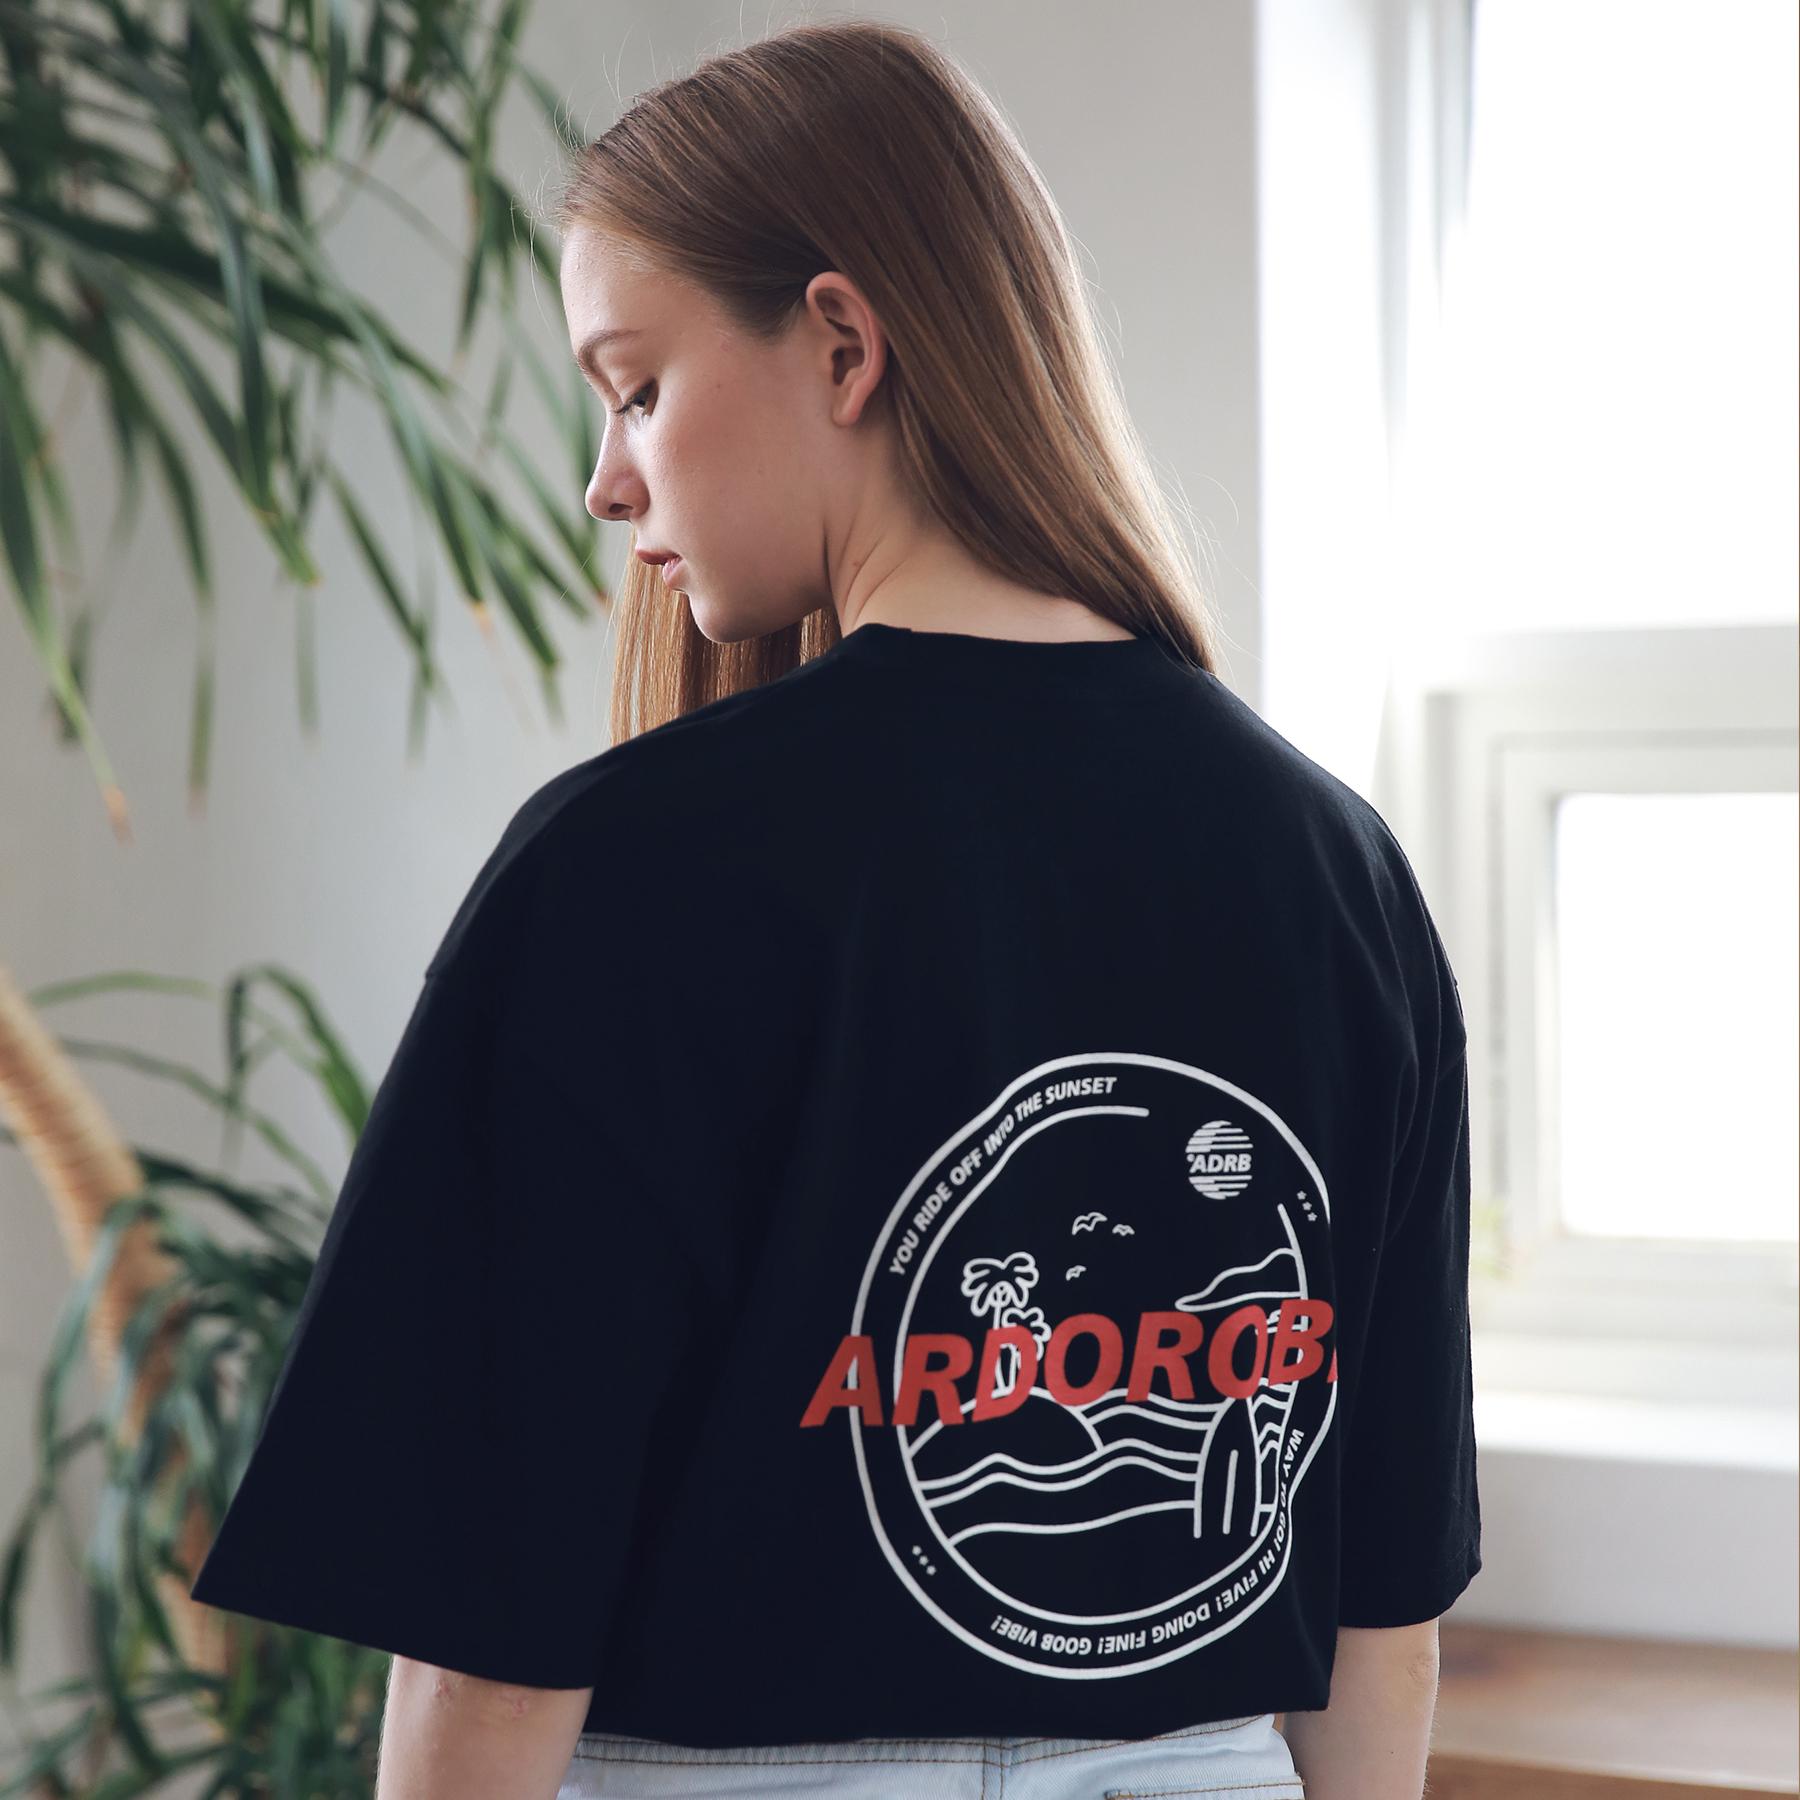 아더로브 유니섹스 아일랜드 서클 티셔츠 ATS192004-BK 반팔티